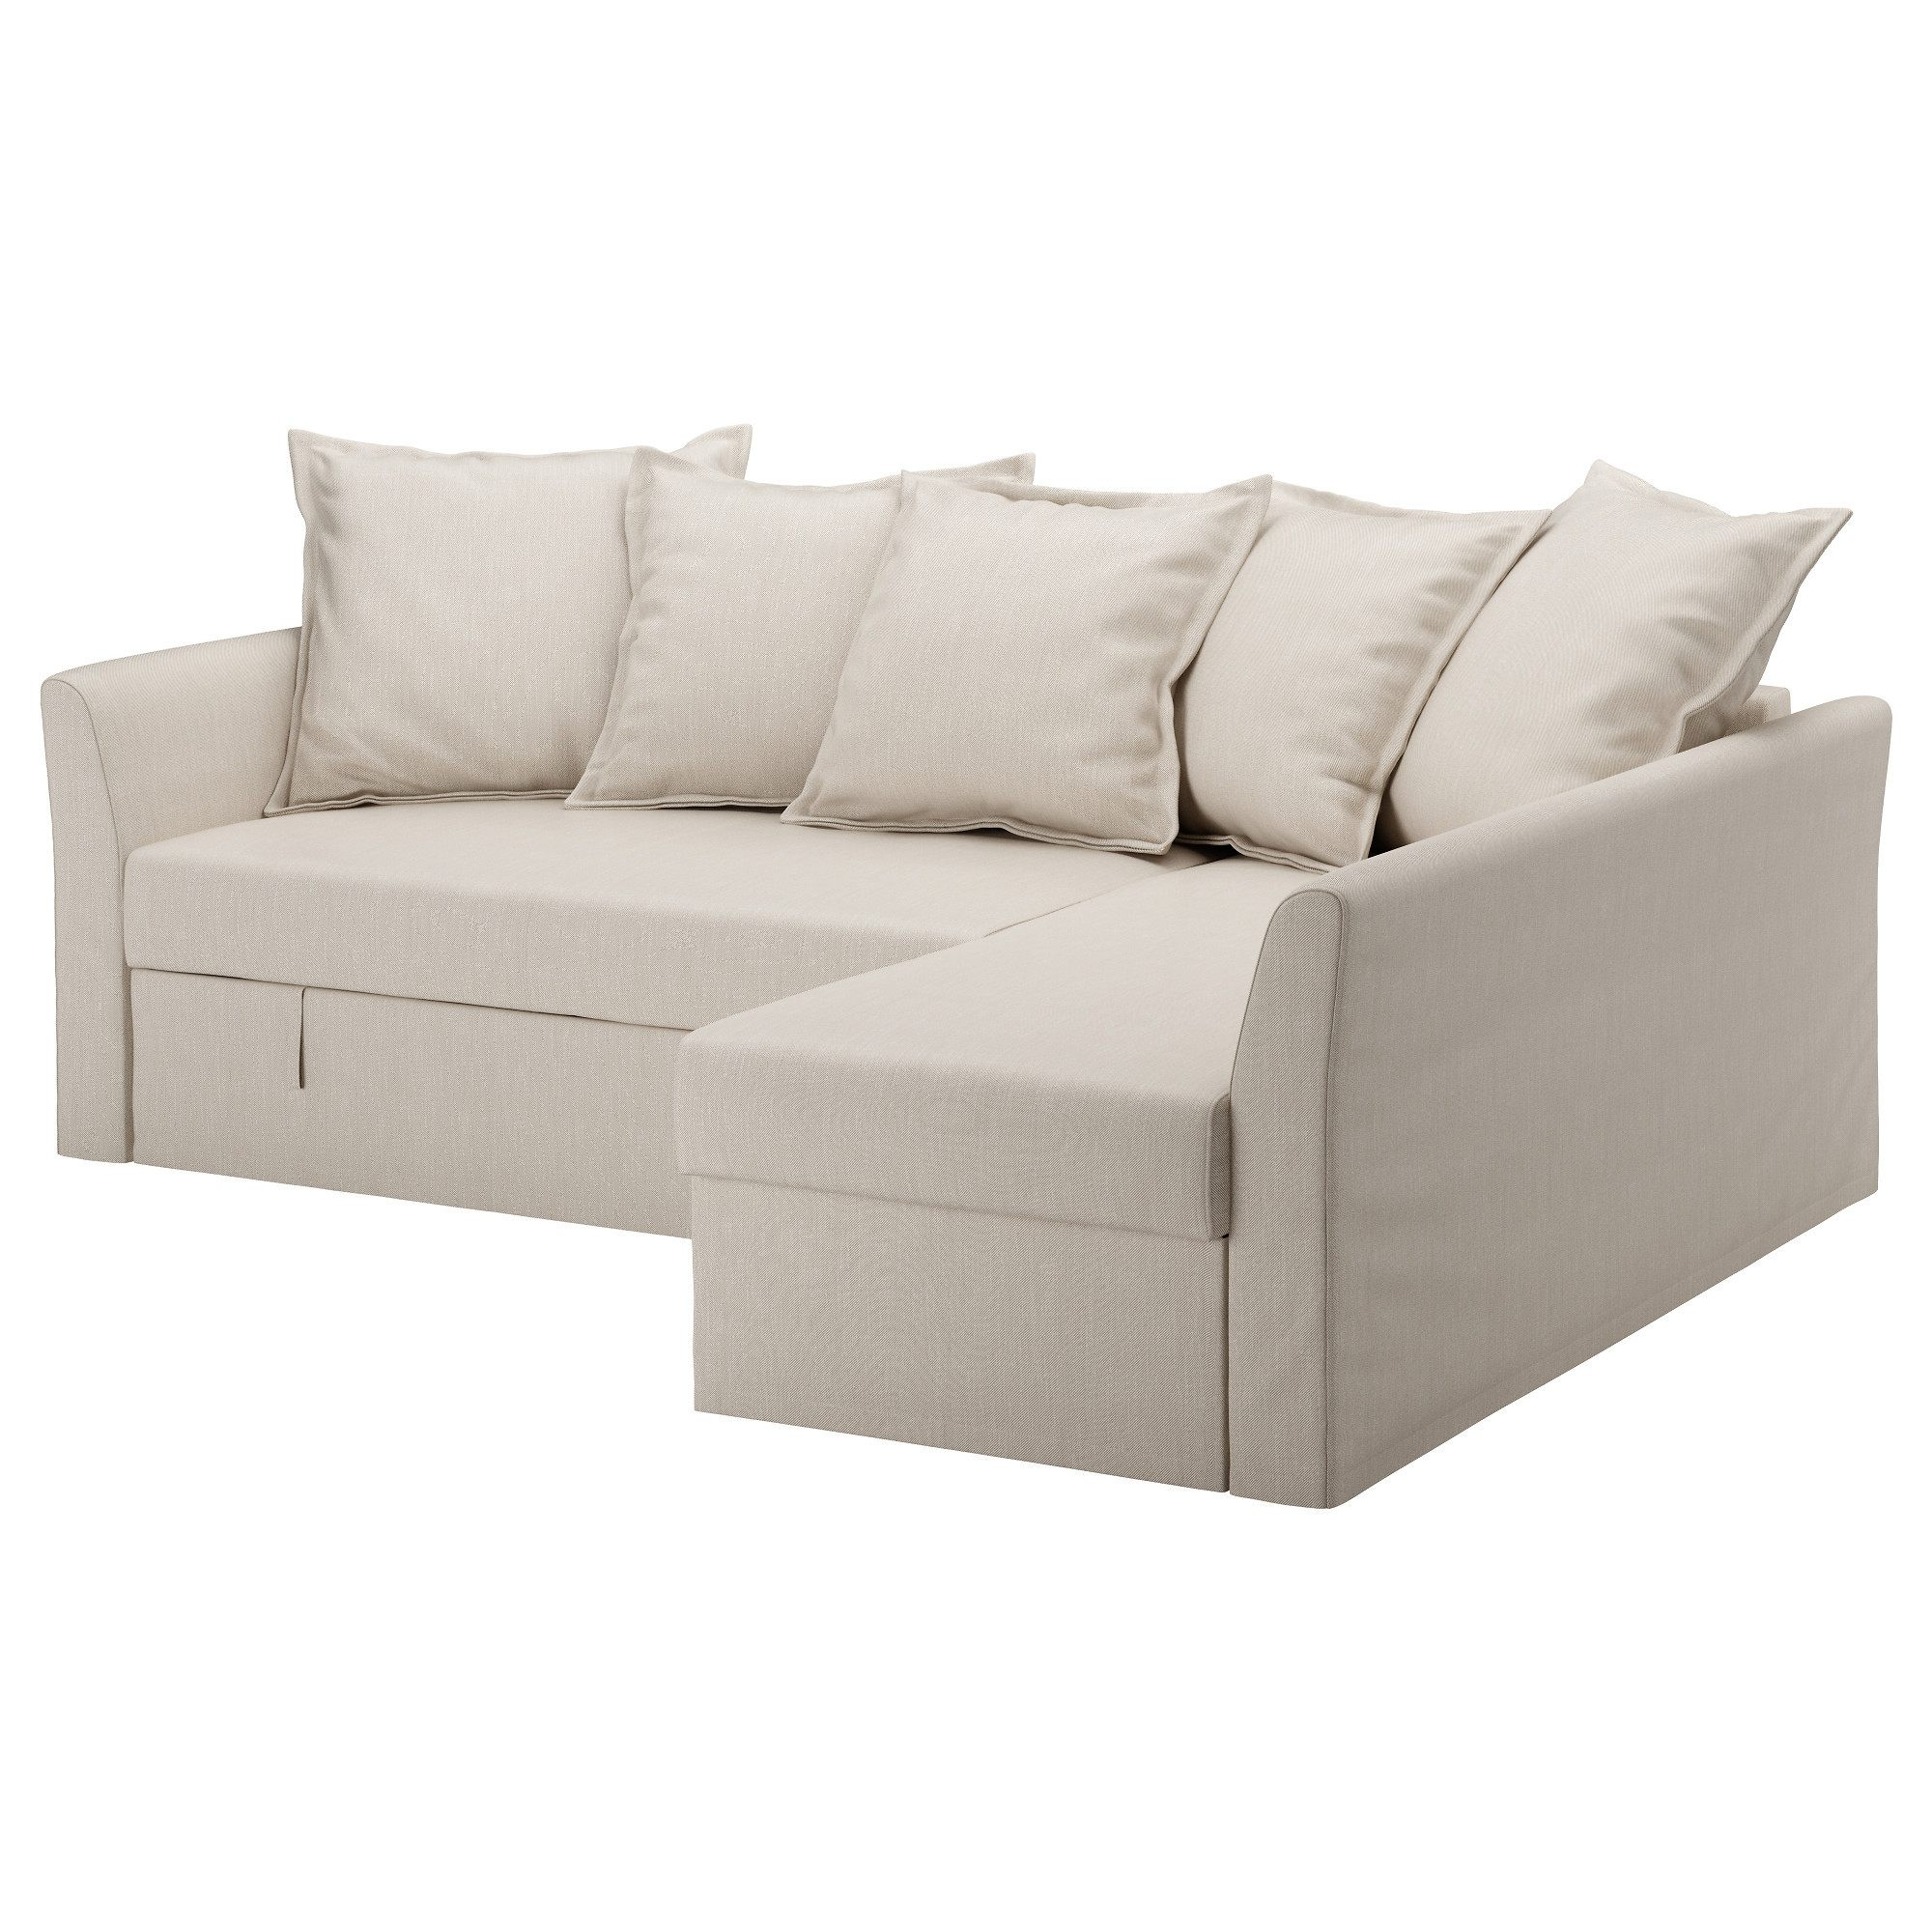 Canapé D Angle Lit Douce attrayant Canapé D Angle Beige Dans Canapé Angle Convertible